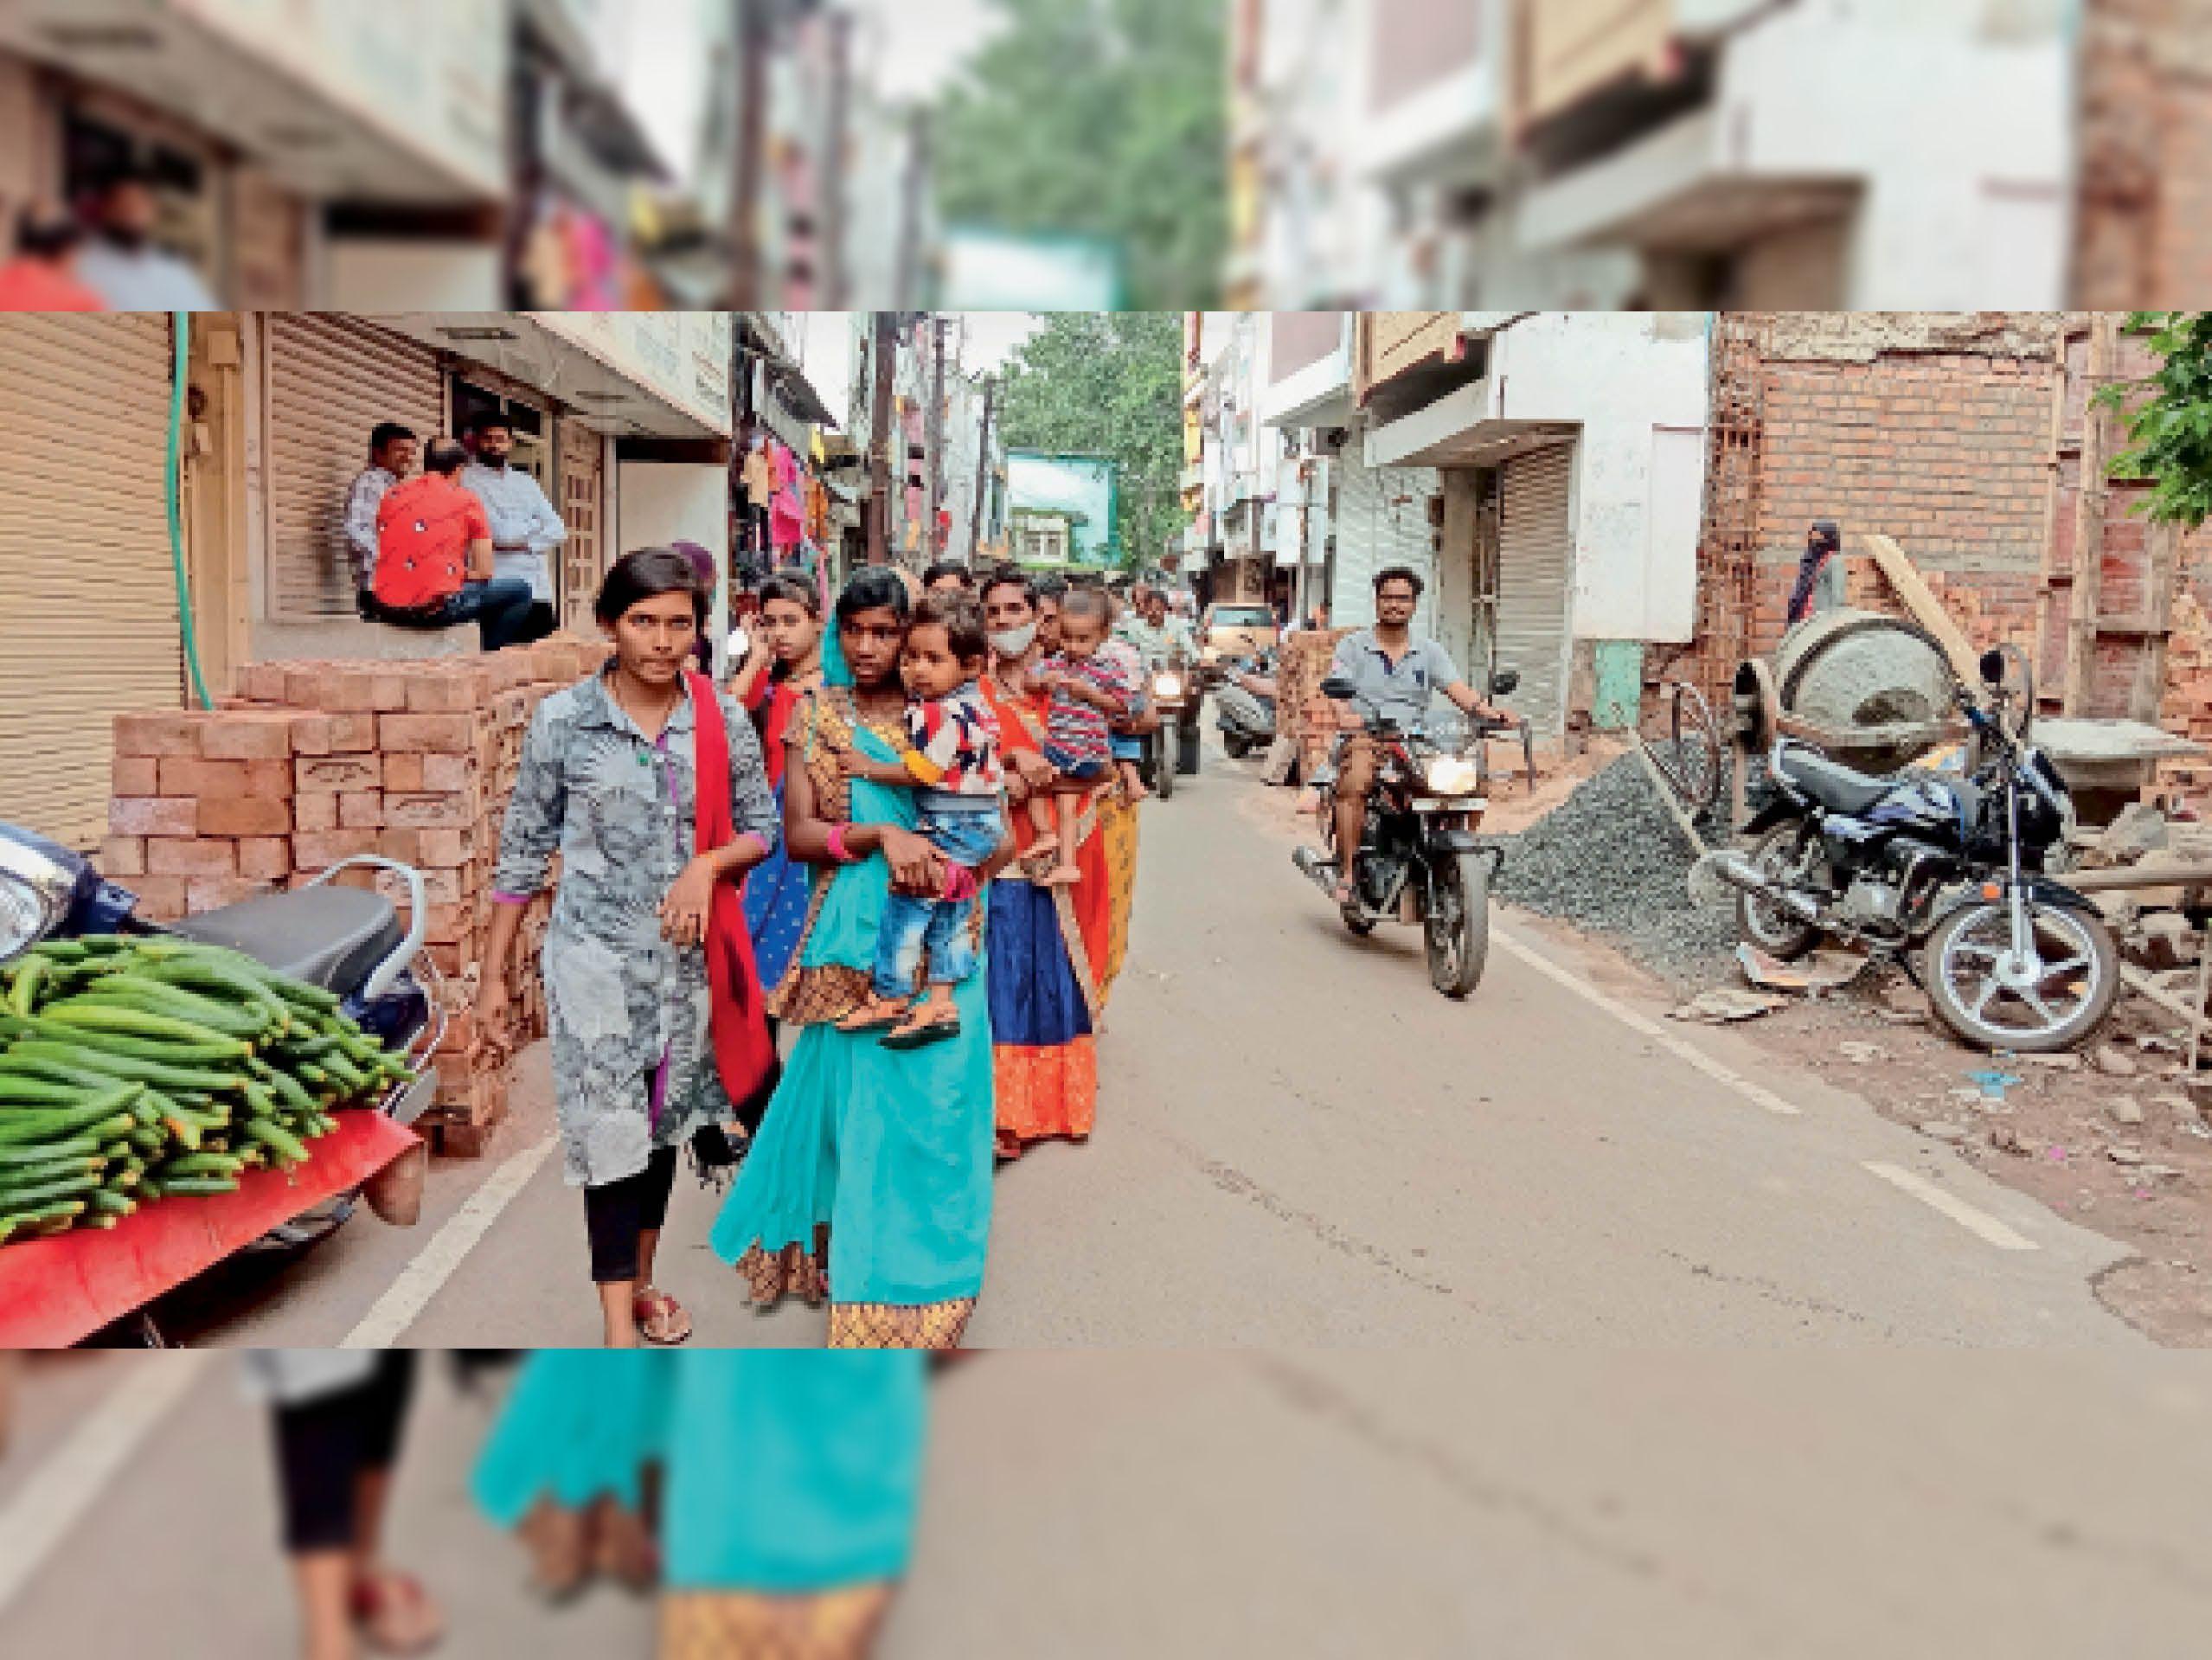 शहर में बिना मास्क के घूम रहे यह लाेग दूसराें के लिए बन सकते है खतरा। - Dainik Bhaskar